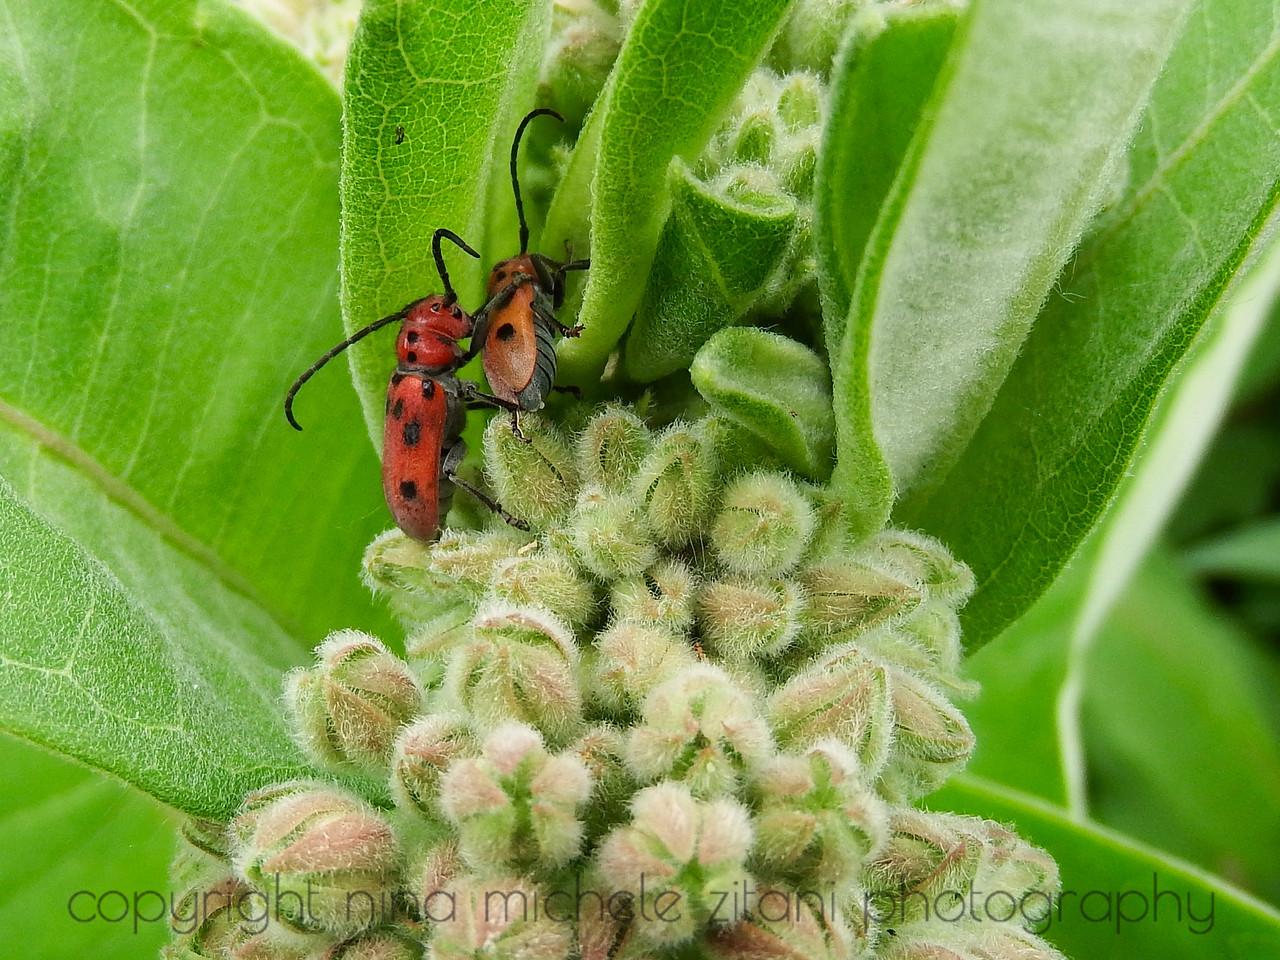 Beetles on Milkweed in June